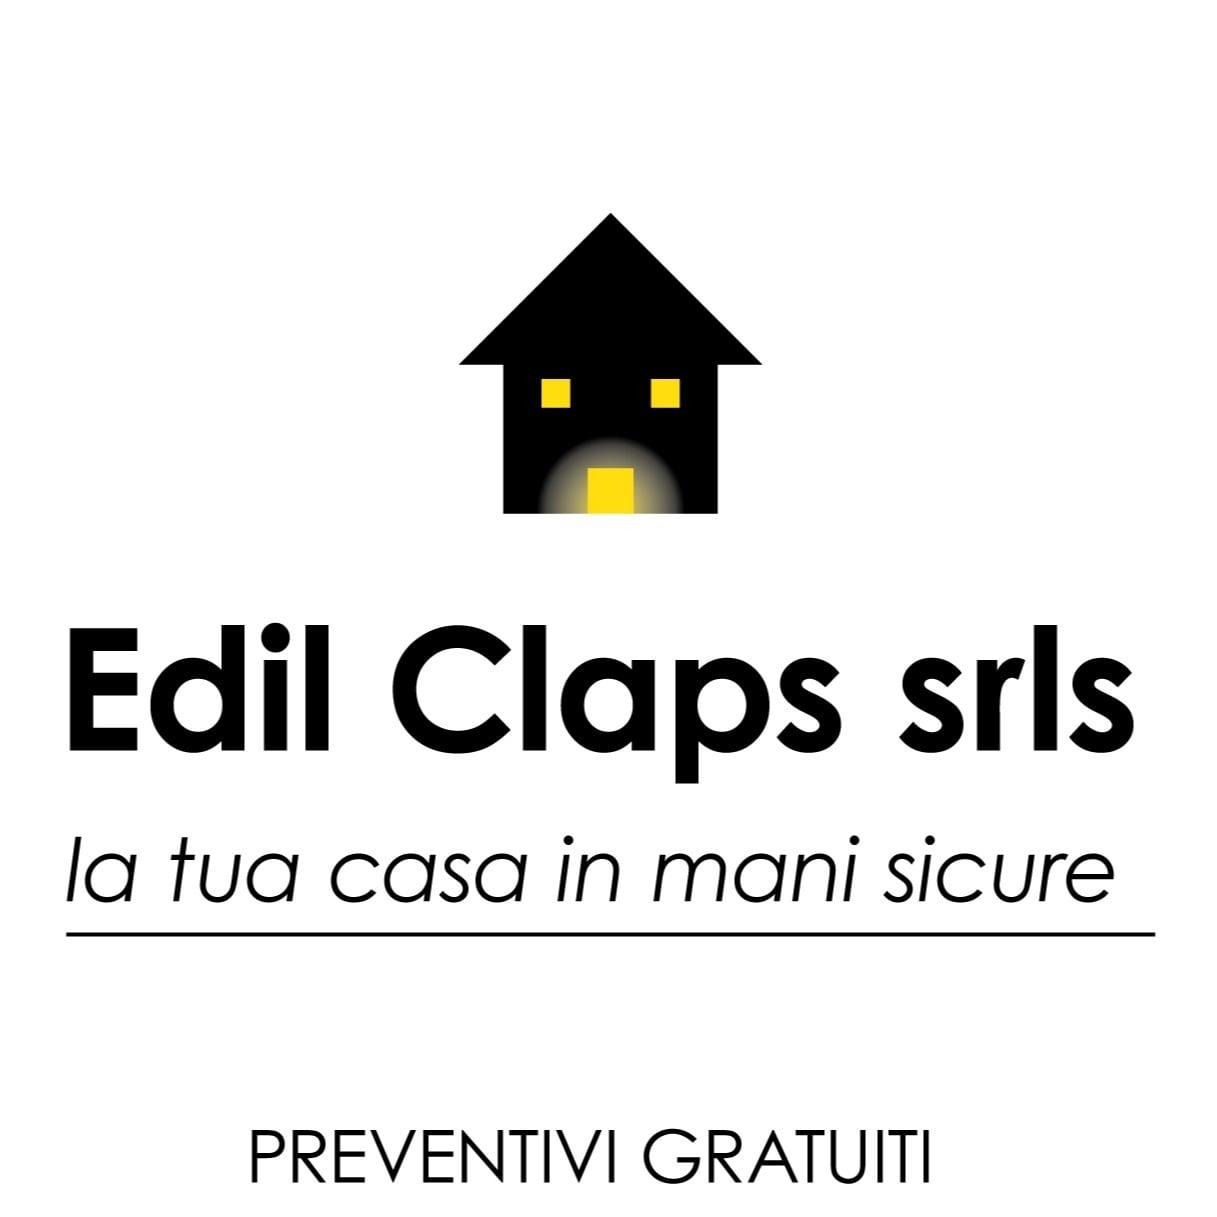 Svuota Appartamenti Gratis Firenze le migliori 31 imprese di sgombero a ravenna (con preventivi